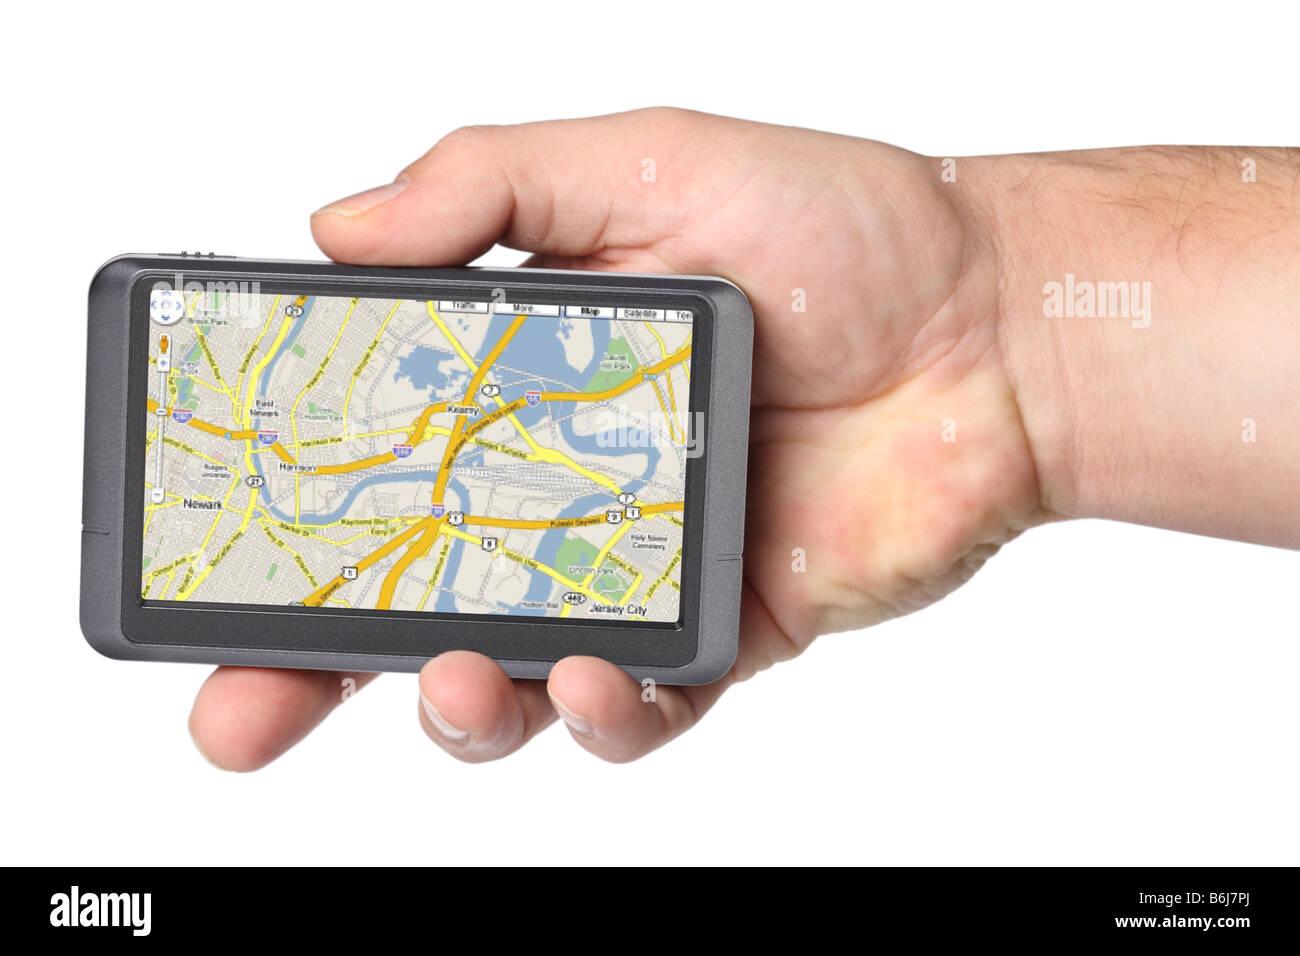 Tragbares GPS-Gerät in der Hand Ausschnitt auf weißem Hintergrund Stockfoto